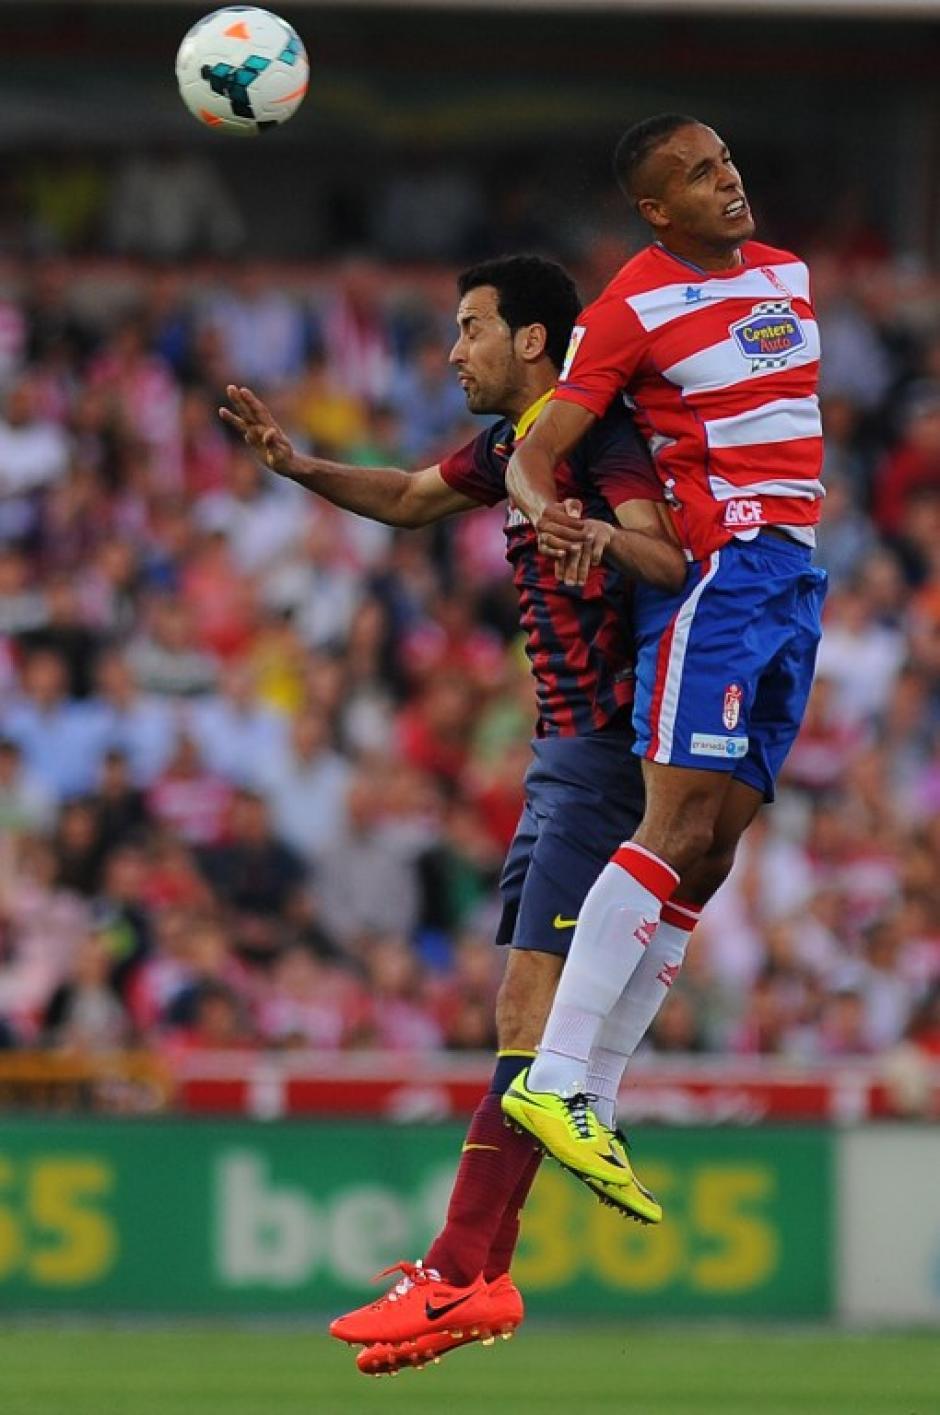 El juego fue peleado y fuerte, con bastantes faltas y un tres tarjetas amarillas para los catalanes. (Foto: AFP)